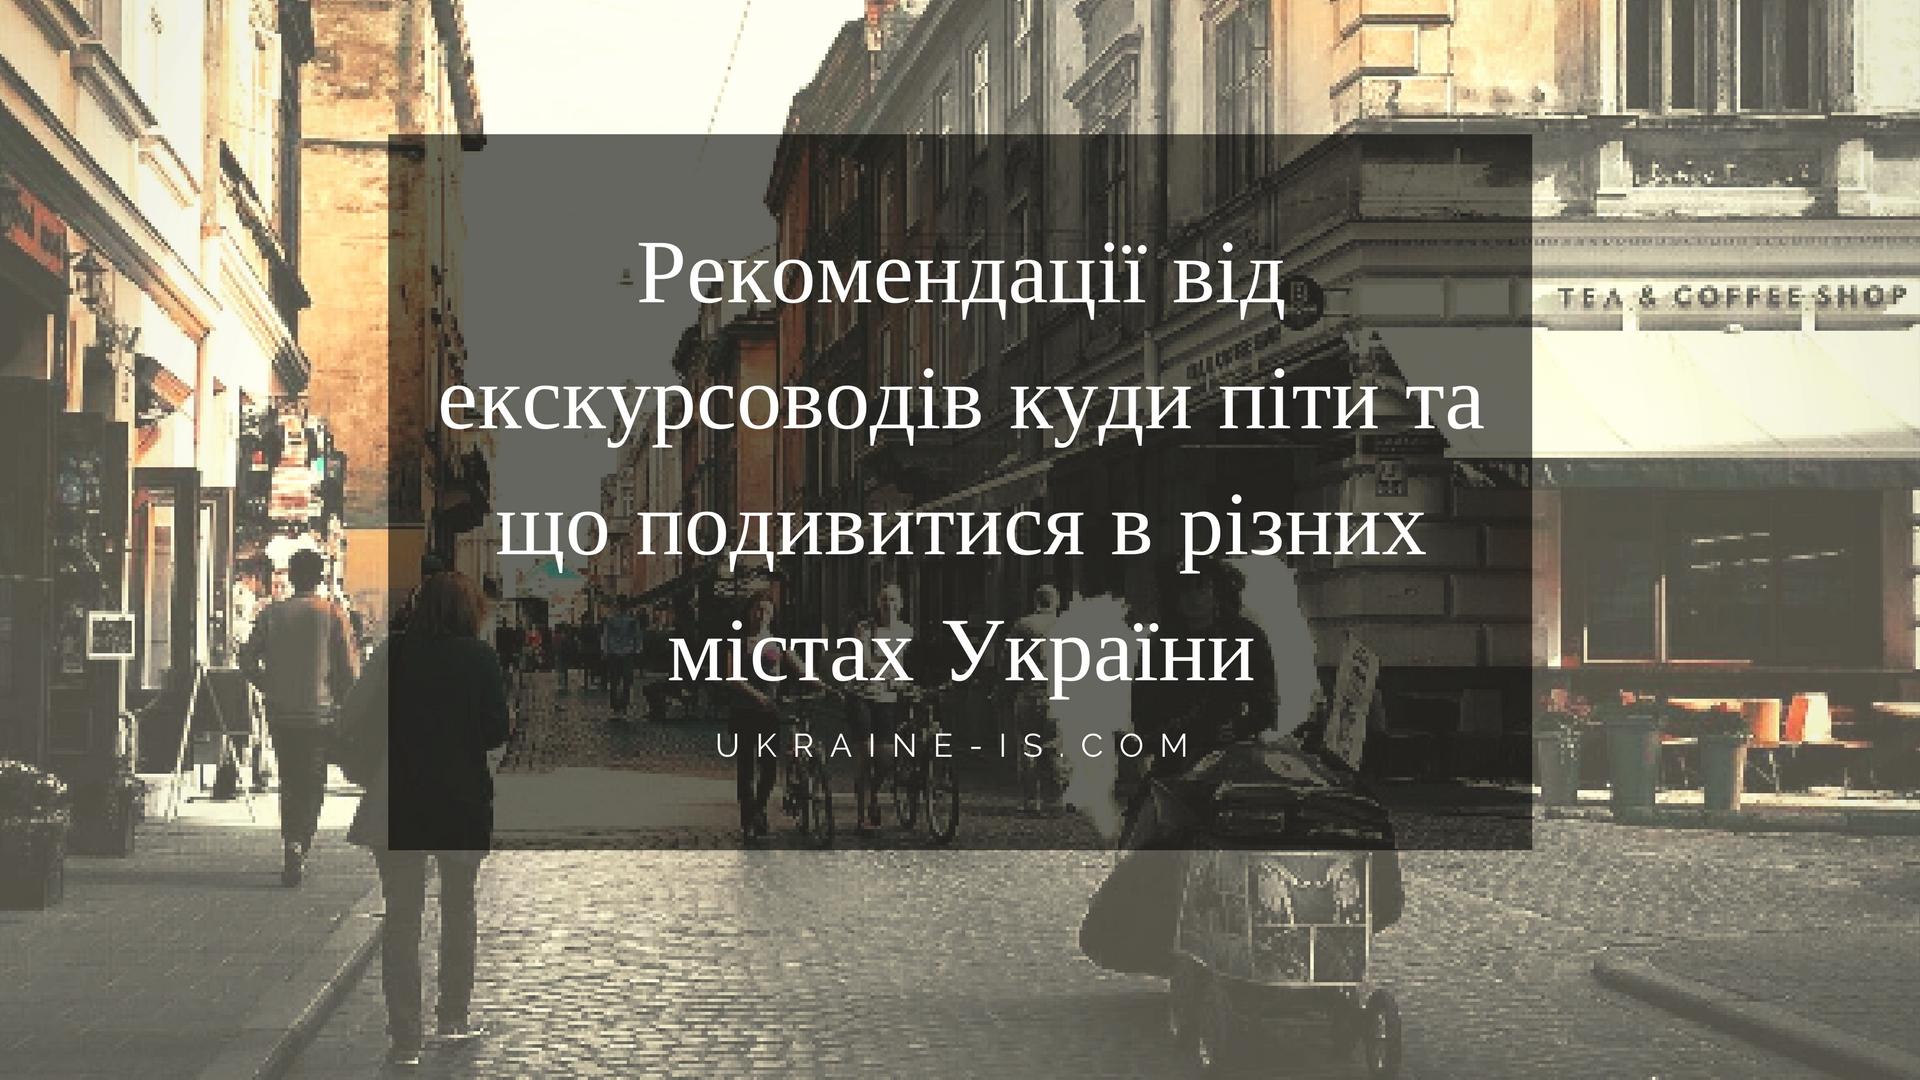 Гіди радять: що подивитися та де поїсти в різних містах України